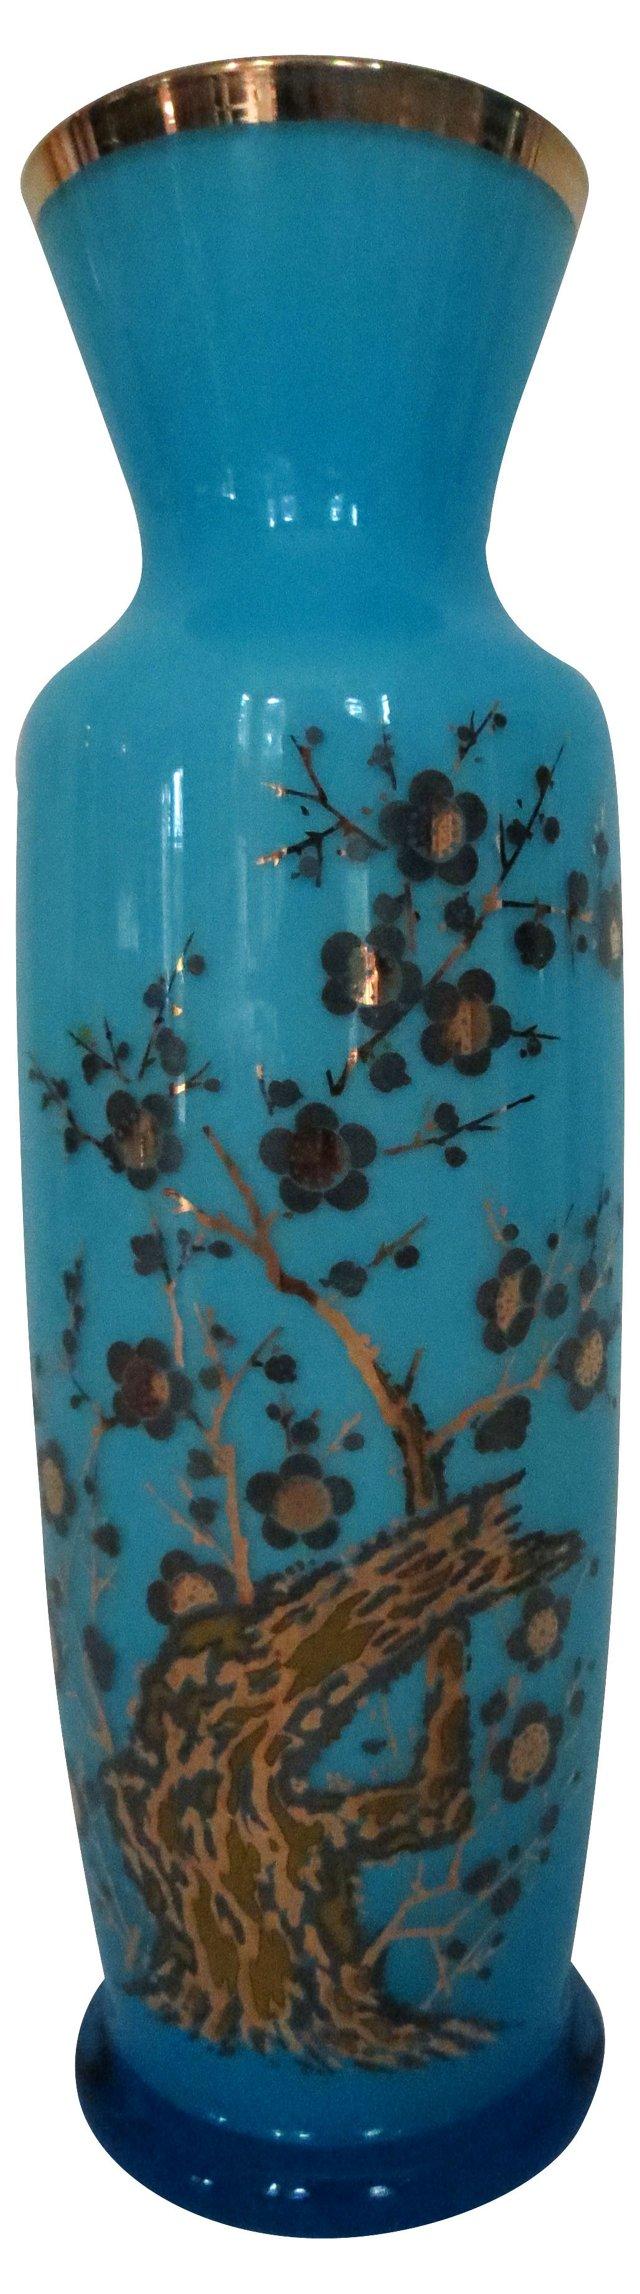 French Opaline Gilt Vase